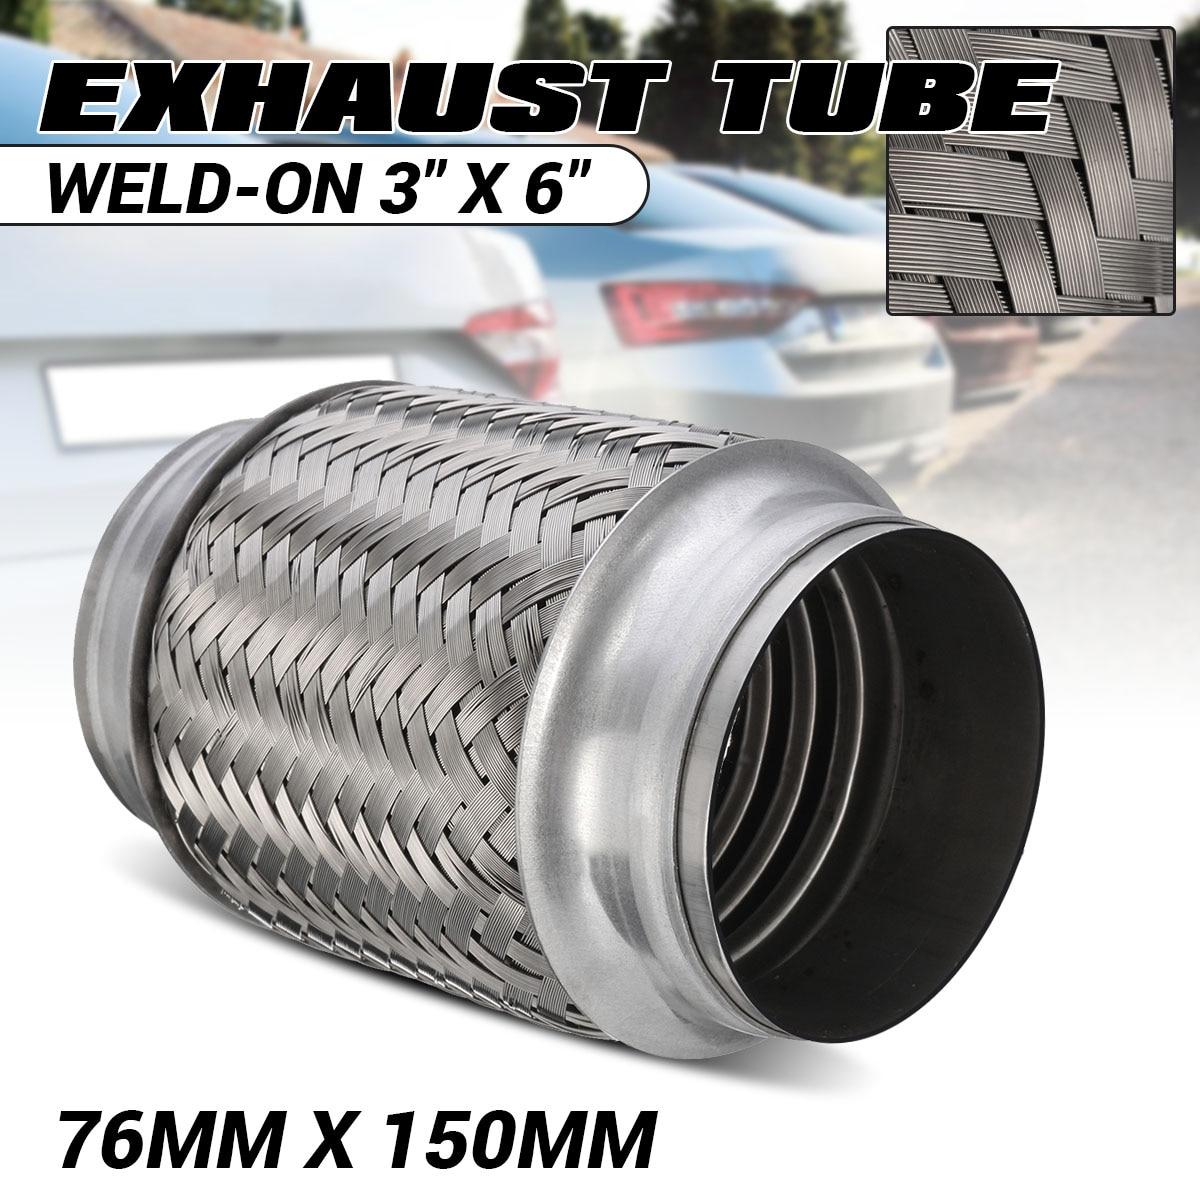 """1/2x tubo de escape de aço inoxidável solda-em 3 """"x 6"""" silenciadores escape flex tubo comum flexi reparação flexi tubo 76mm x 150mm 762226"""